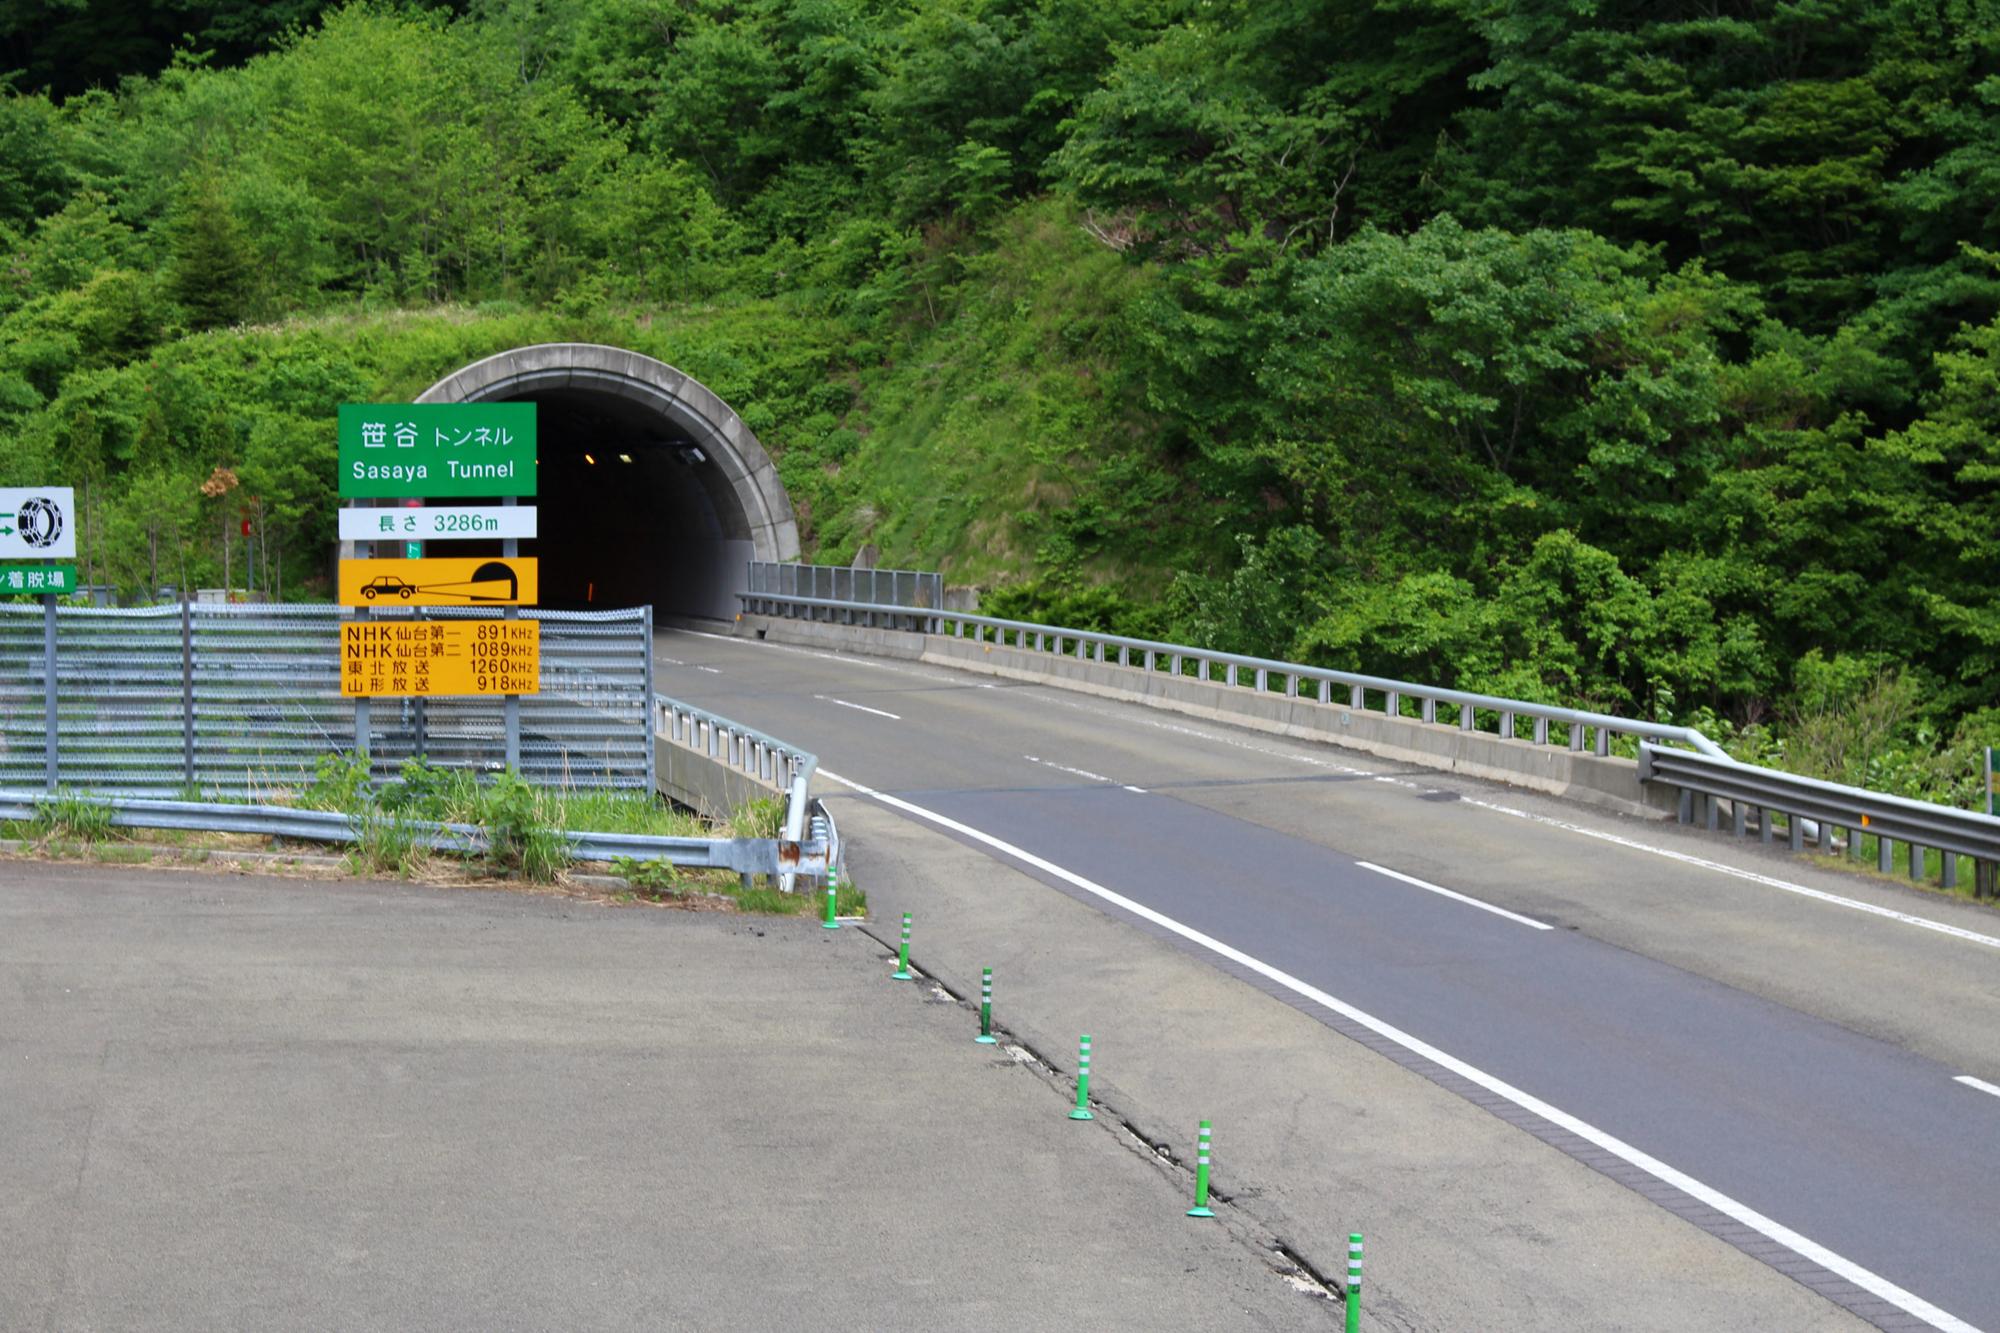 笹谷トンネル 宮城側